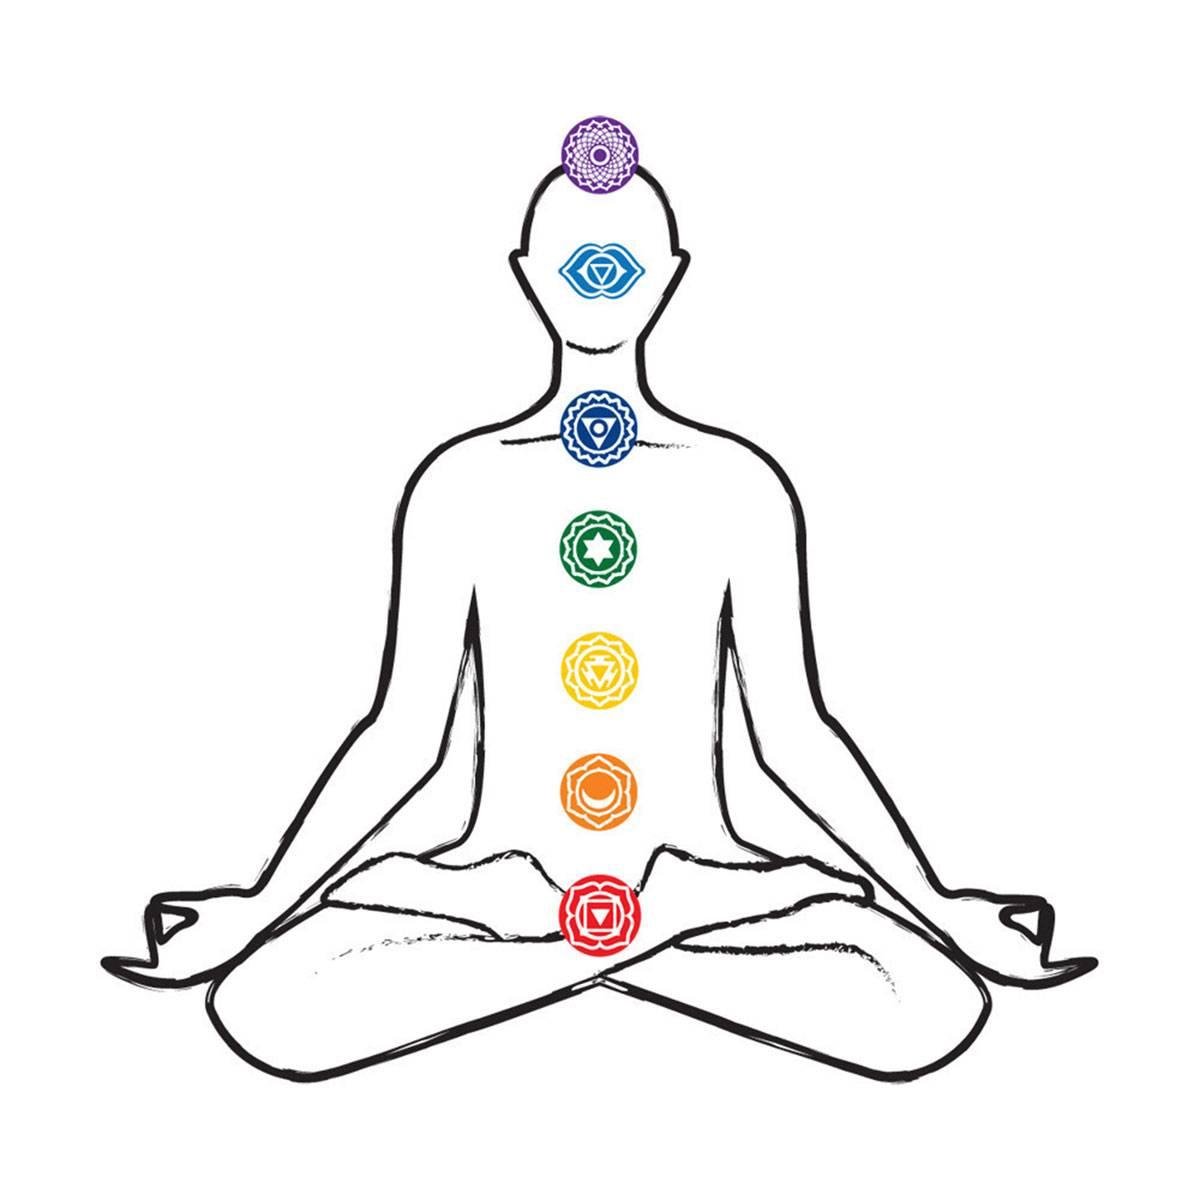 Йога кундалини 1 чакра, муладхара чакра за что отвечает, 1 чакра йога кундалини 1 чакра, муладхара чакра за что отвечает, 1 чакра